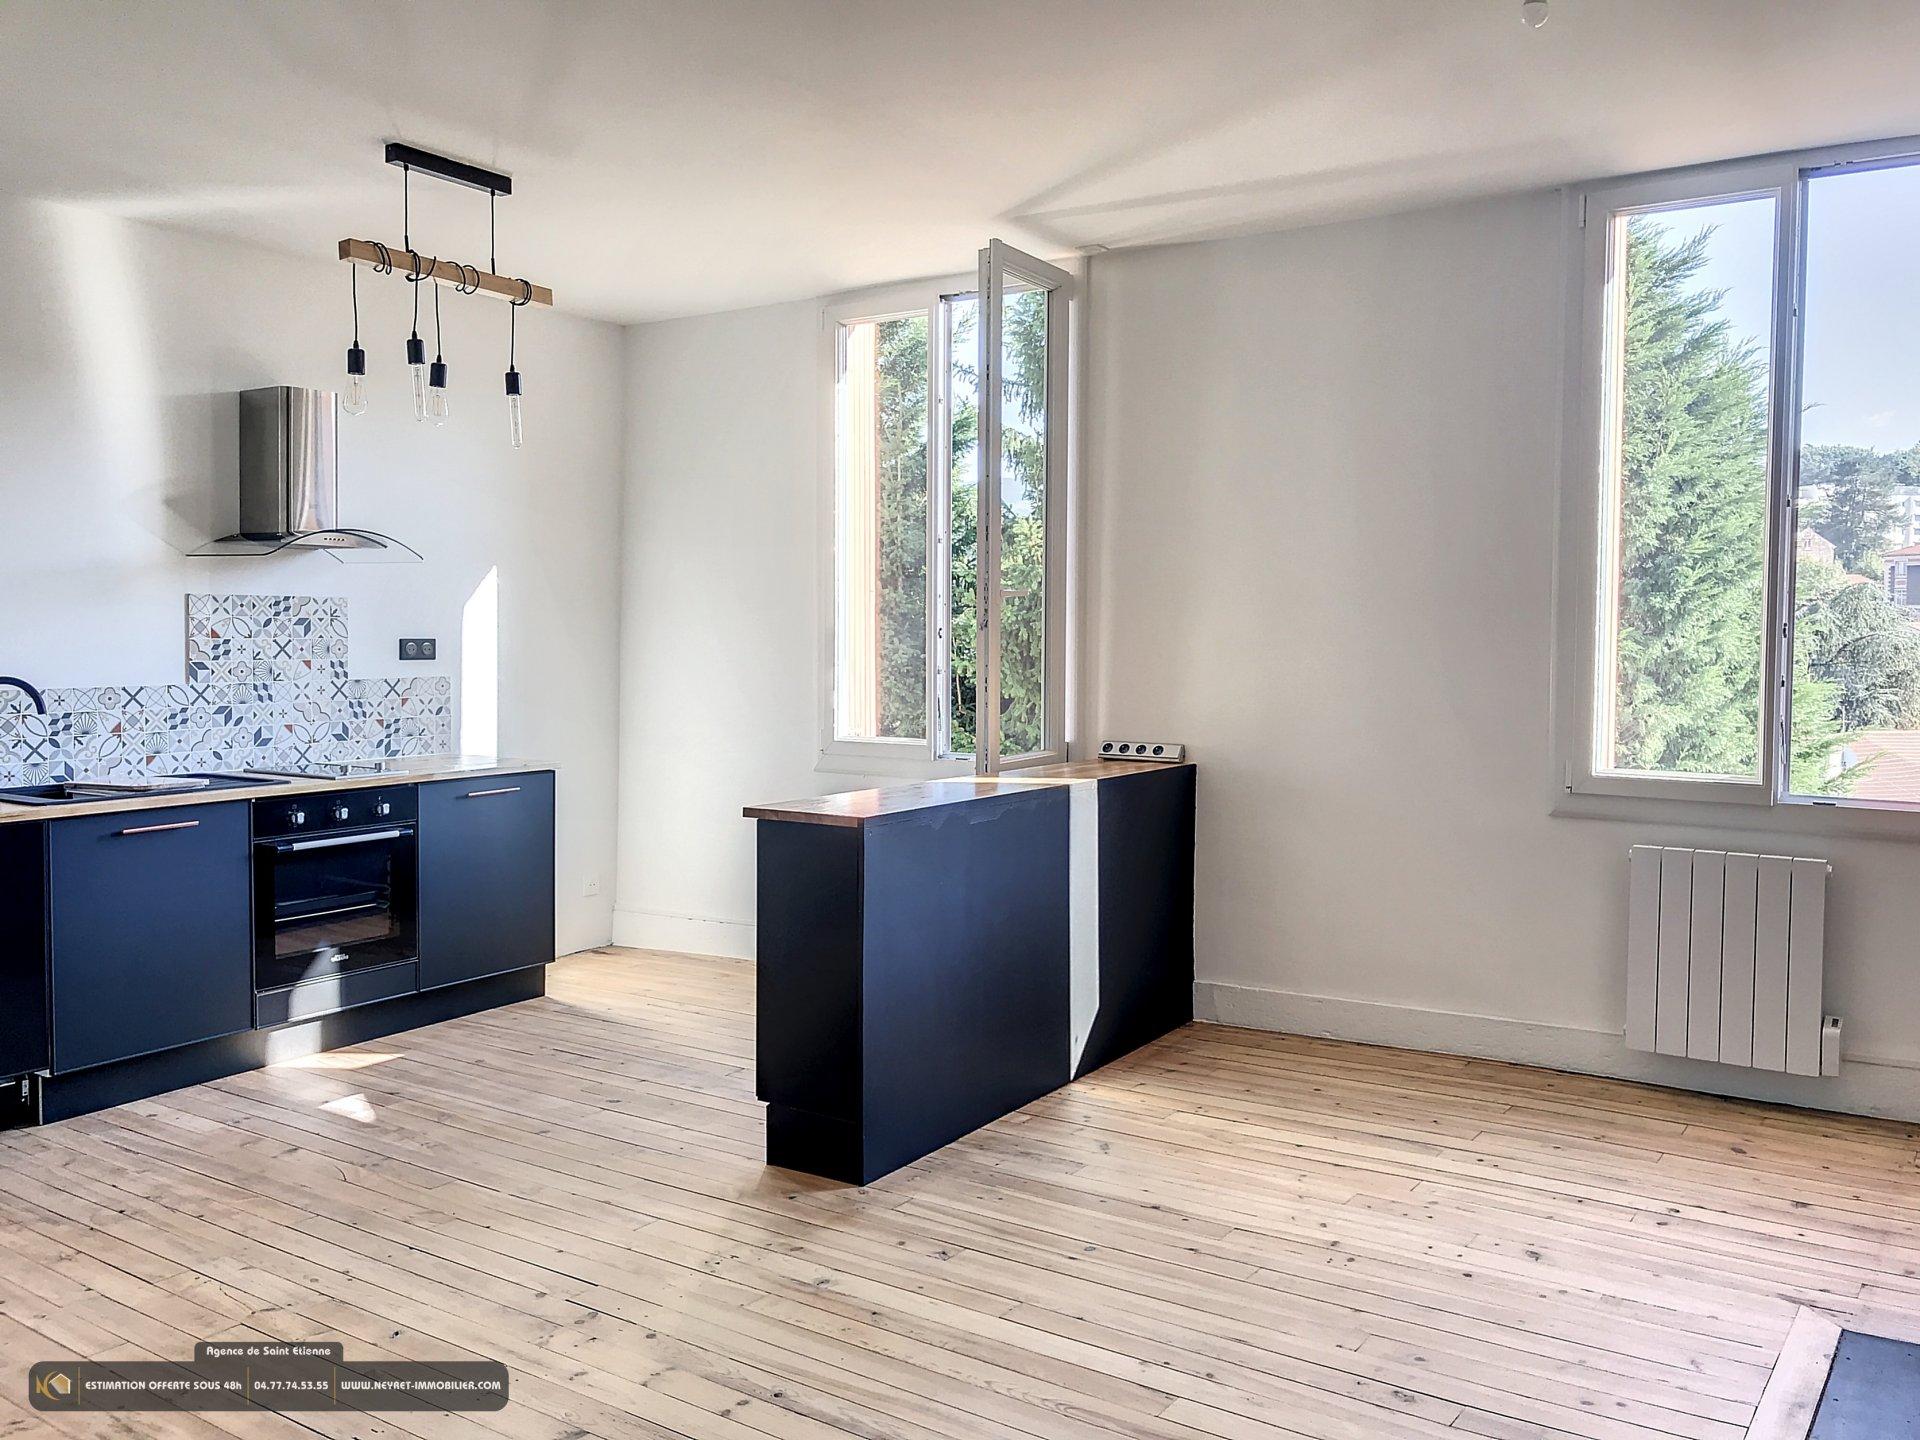 Vente Appartement - Saint-Étienne Monthieu, Saint-François